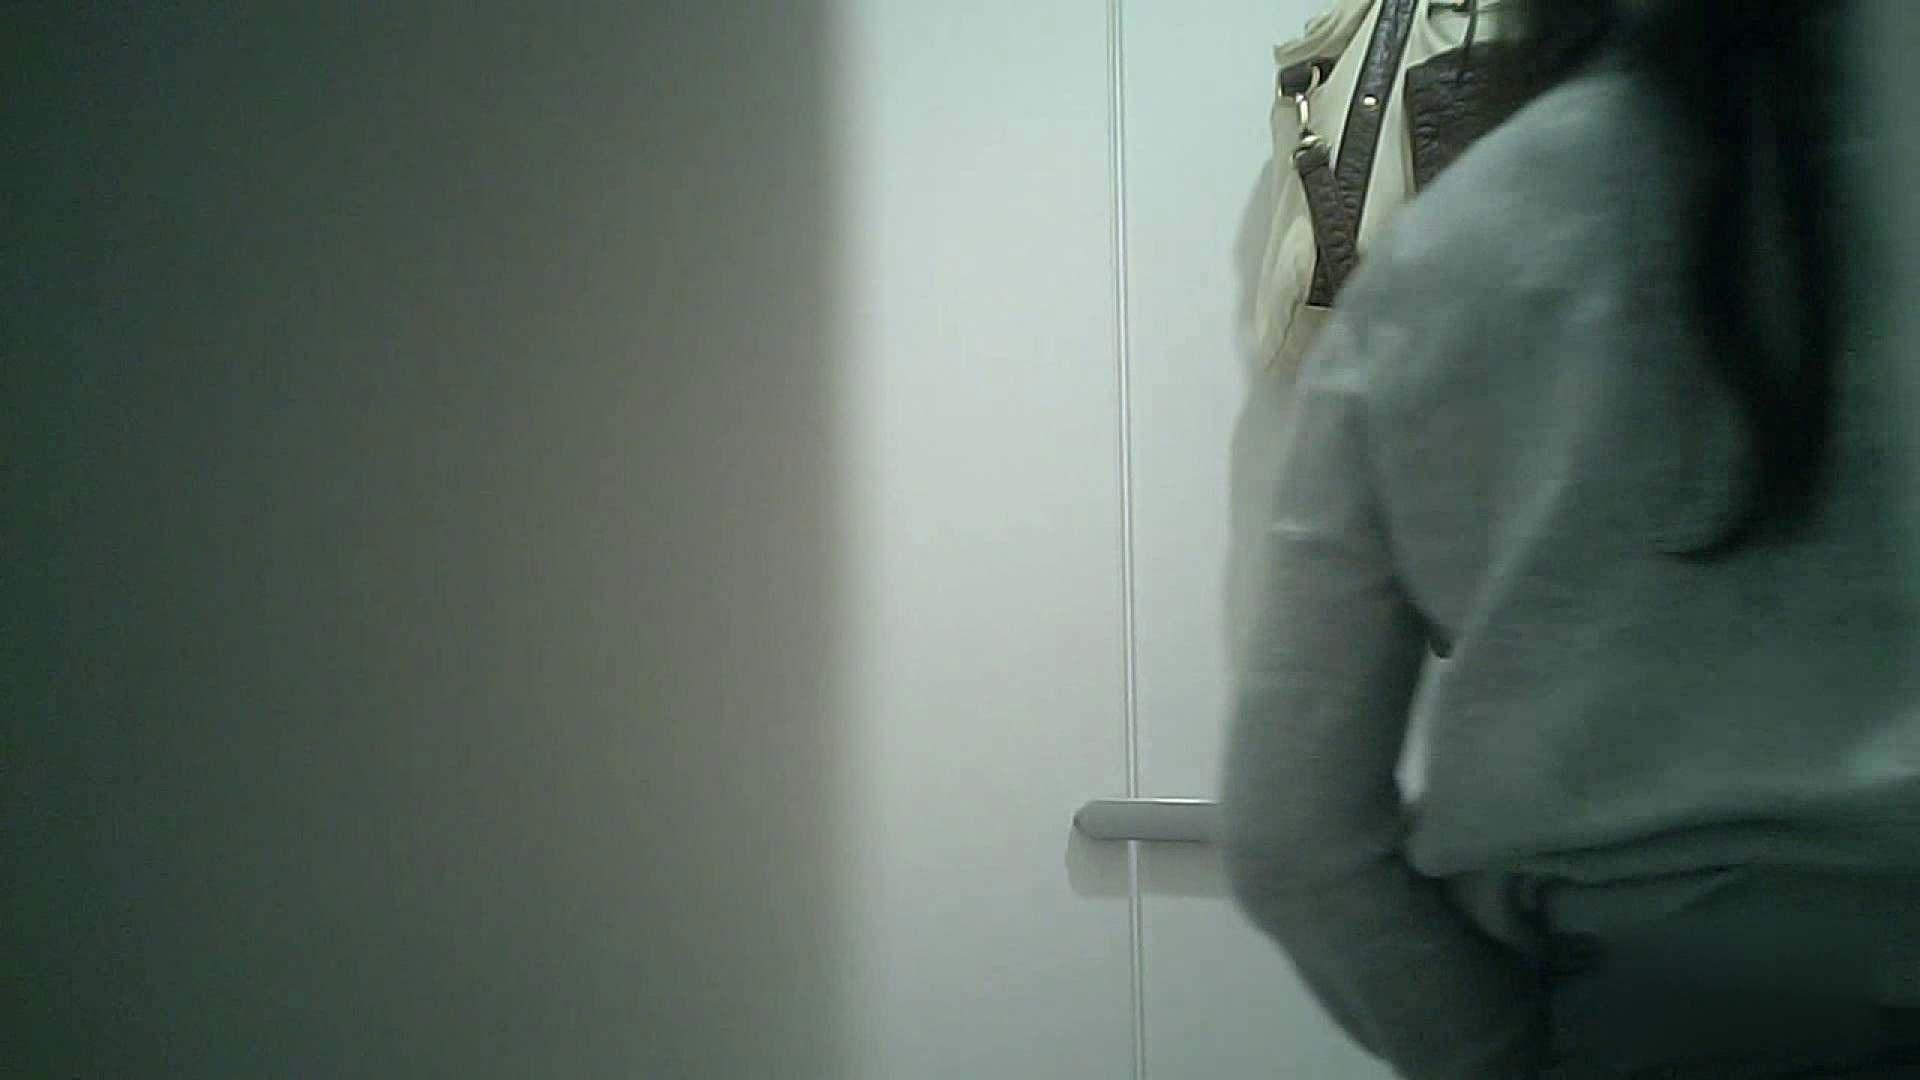 有名大学女性洗面所 vol.36 すっごい「ほじって」ます。 OLセックス 覗きぱこり動画紹介 84画像 2